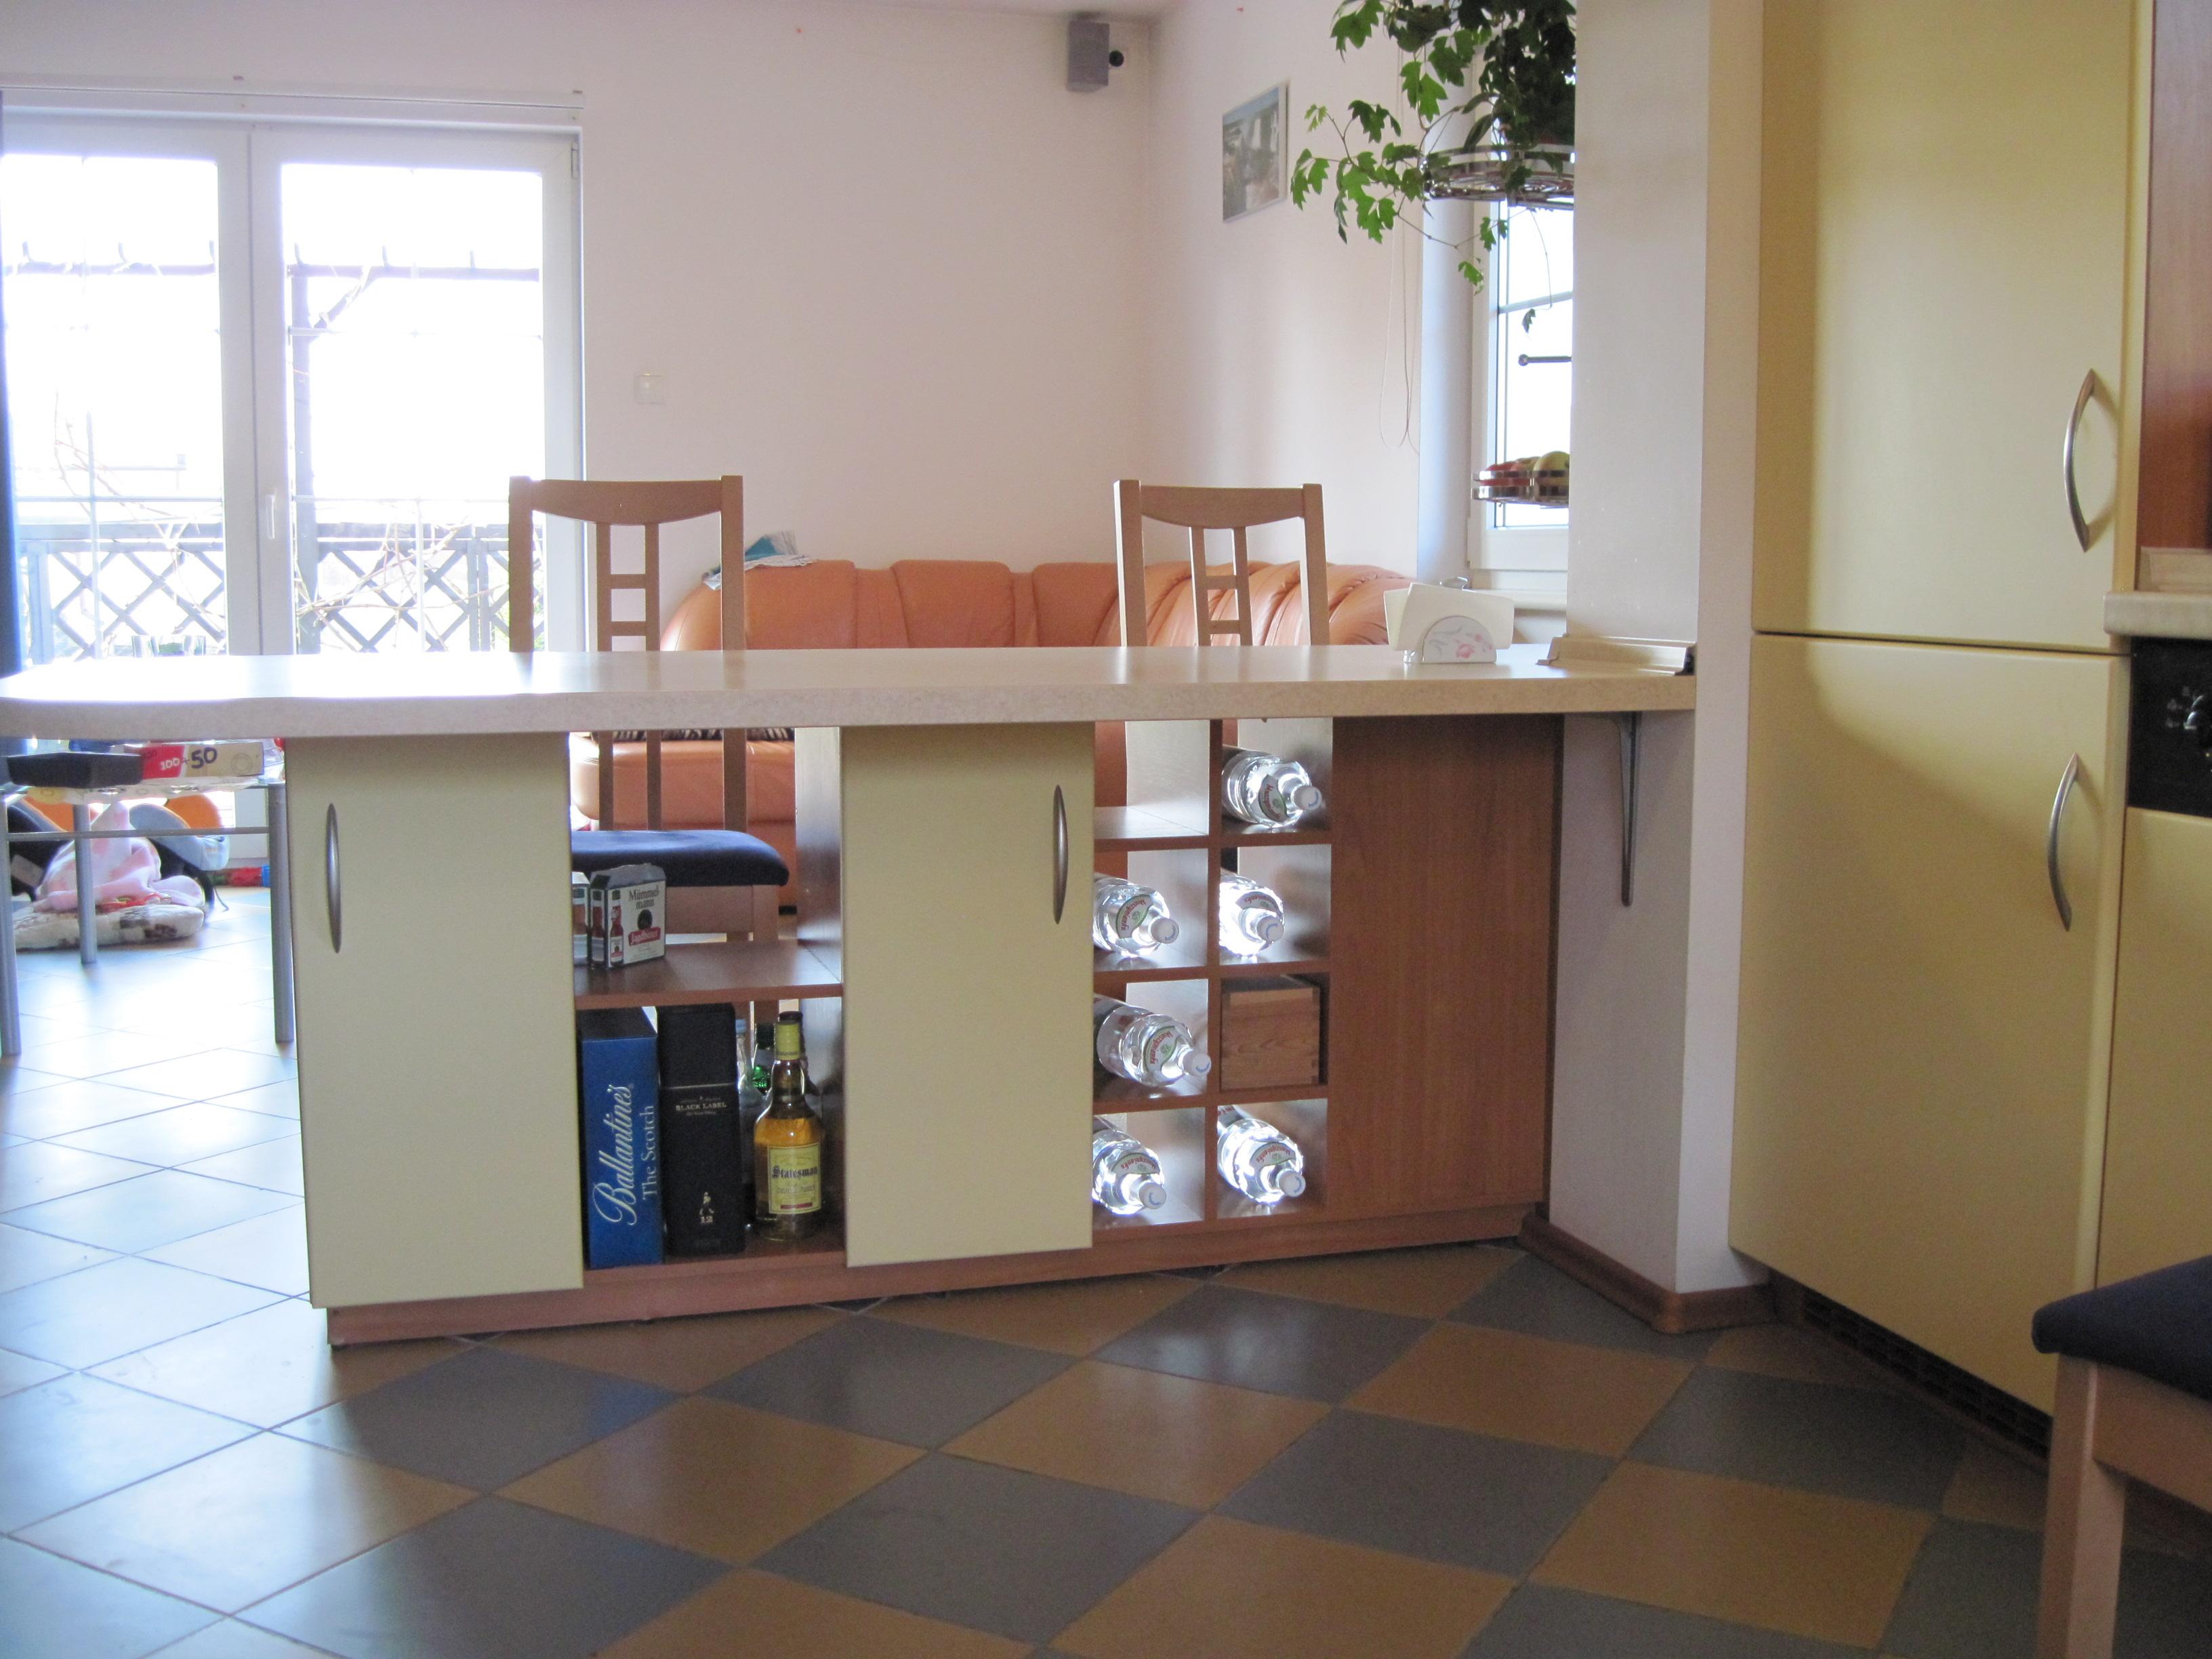 kuchnia otwarta na salon, kuchnie nowoczesne skierniewice, kuchnie nowoczesne   -> Kuchnia Z Barkiem Na Salon